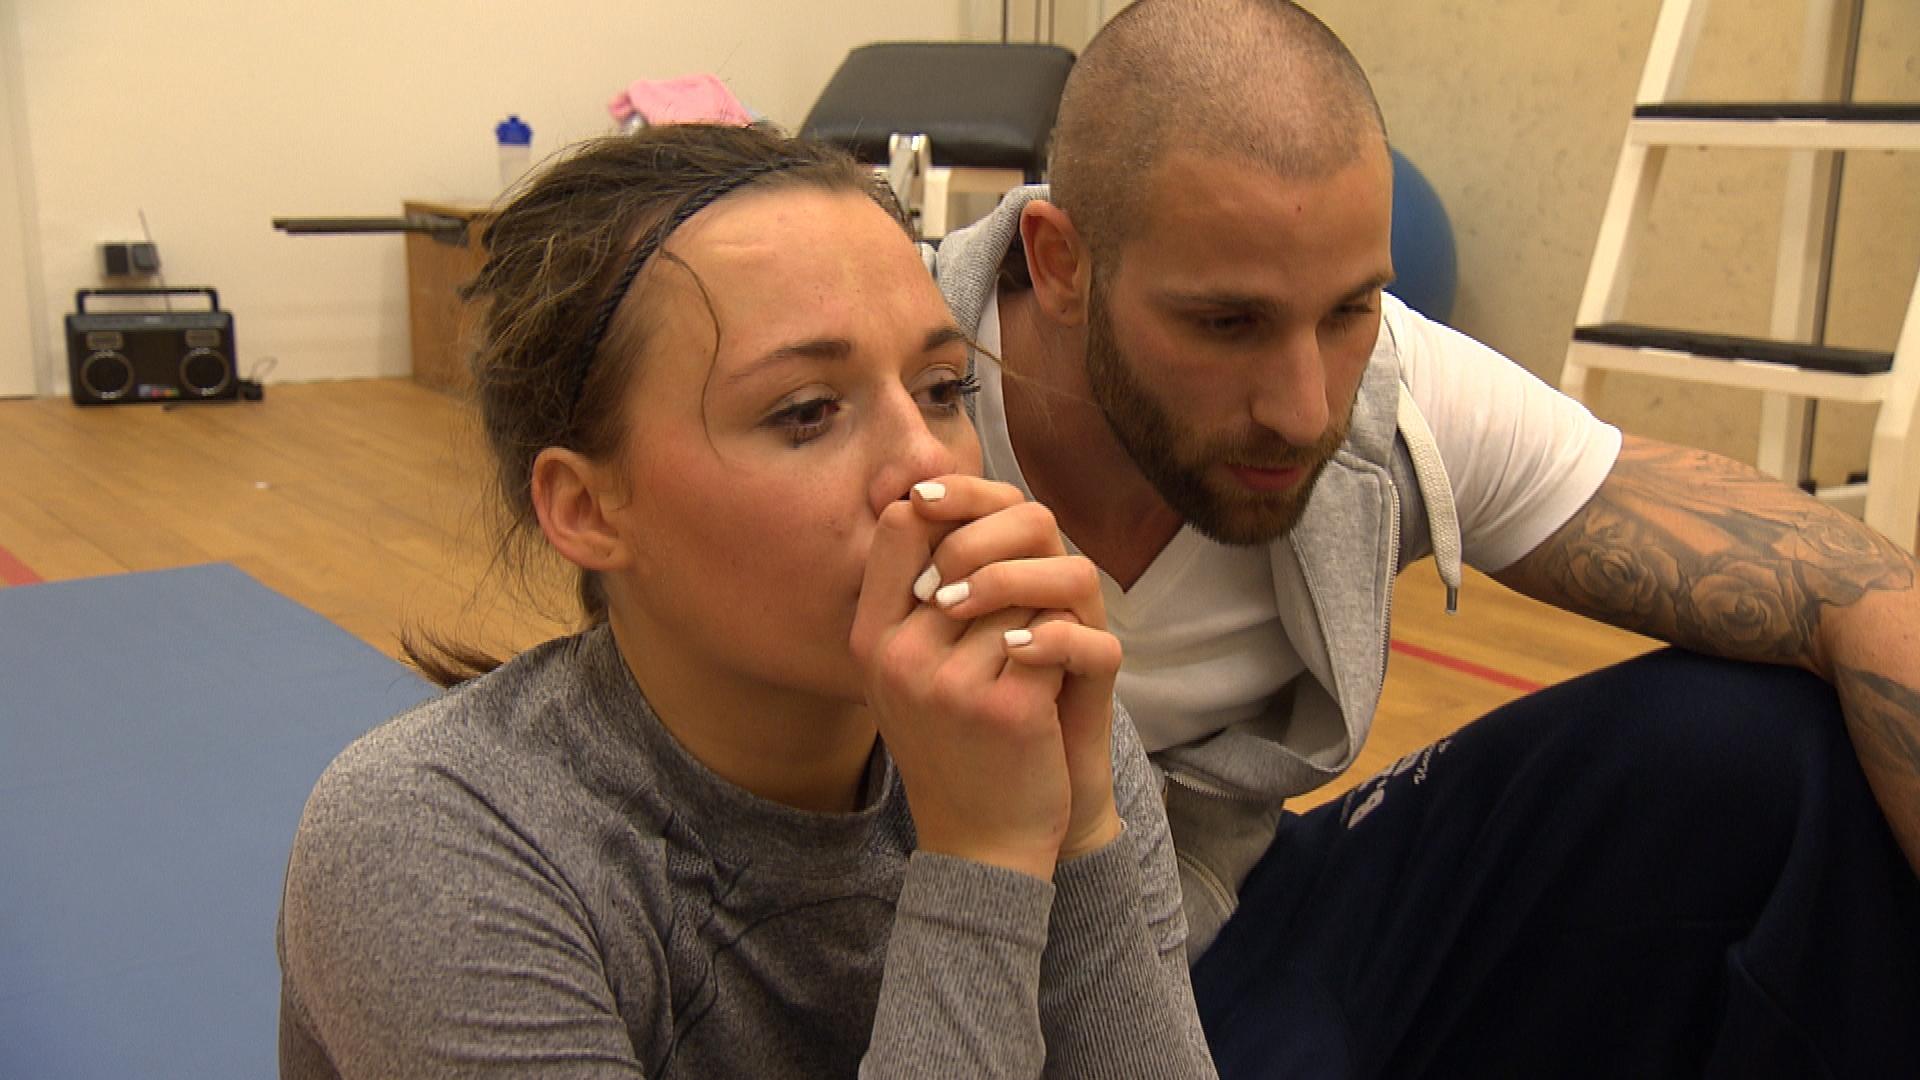 Anna hat sich über das verlängerte Wochenende im Trainingscamp eingeredet, dass sie auch ohne Chantal gut klarkommt. Doch als sie Chantal begegnet, wird ihr klar, dass das ein Trugschluss war. (Quelle: RTL 2)